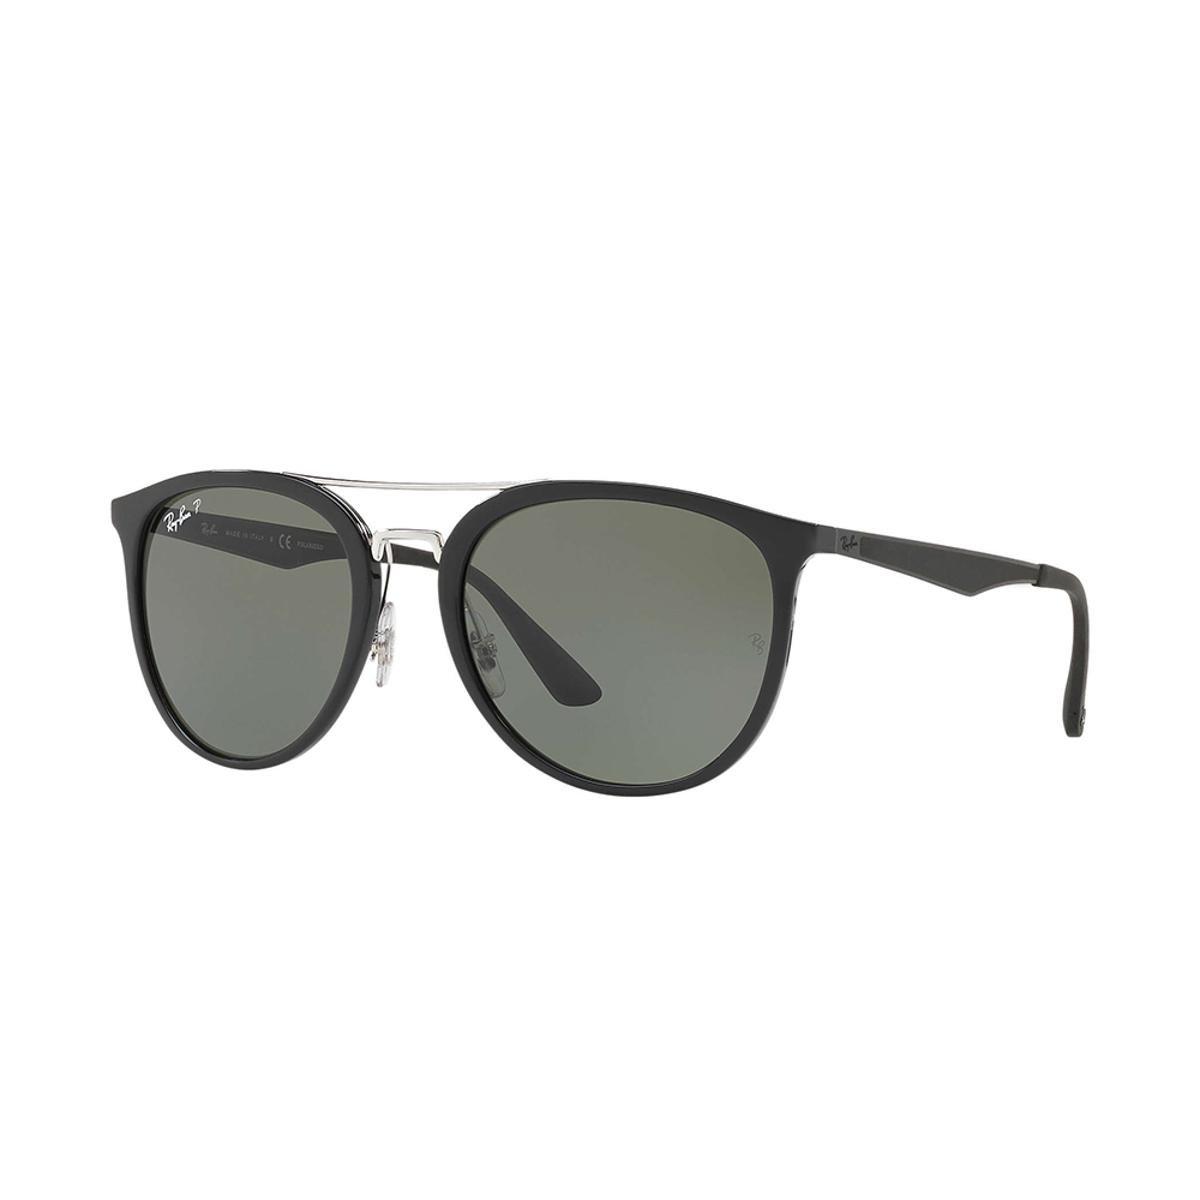 ba15e30df2009 Óculos de Sol Ray-Ban Rb4285 Feminino - Preto - Compre Agora